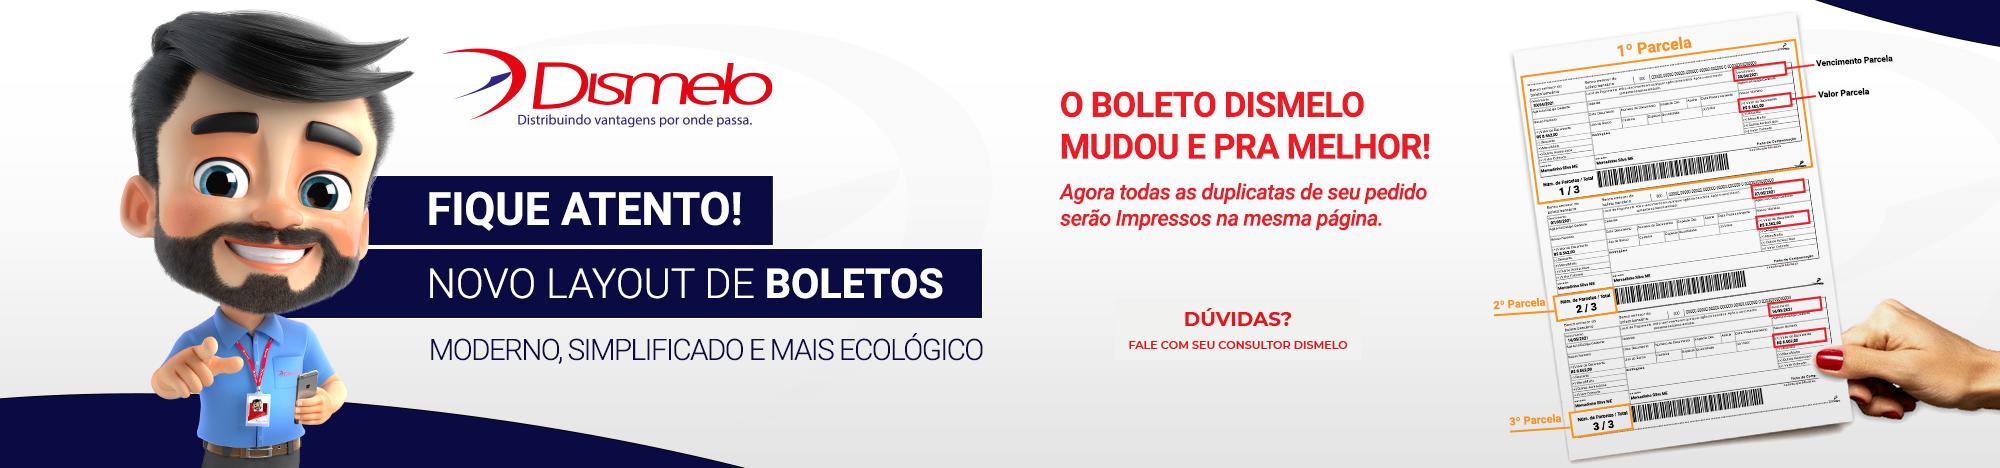 NOVO MODELO DE BOLETO